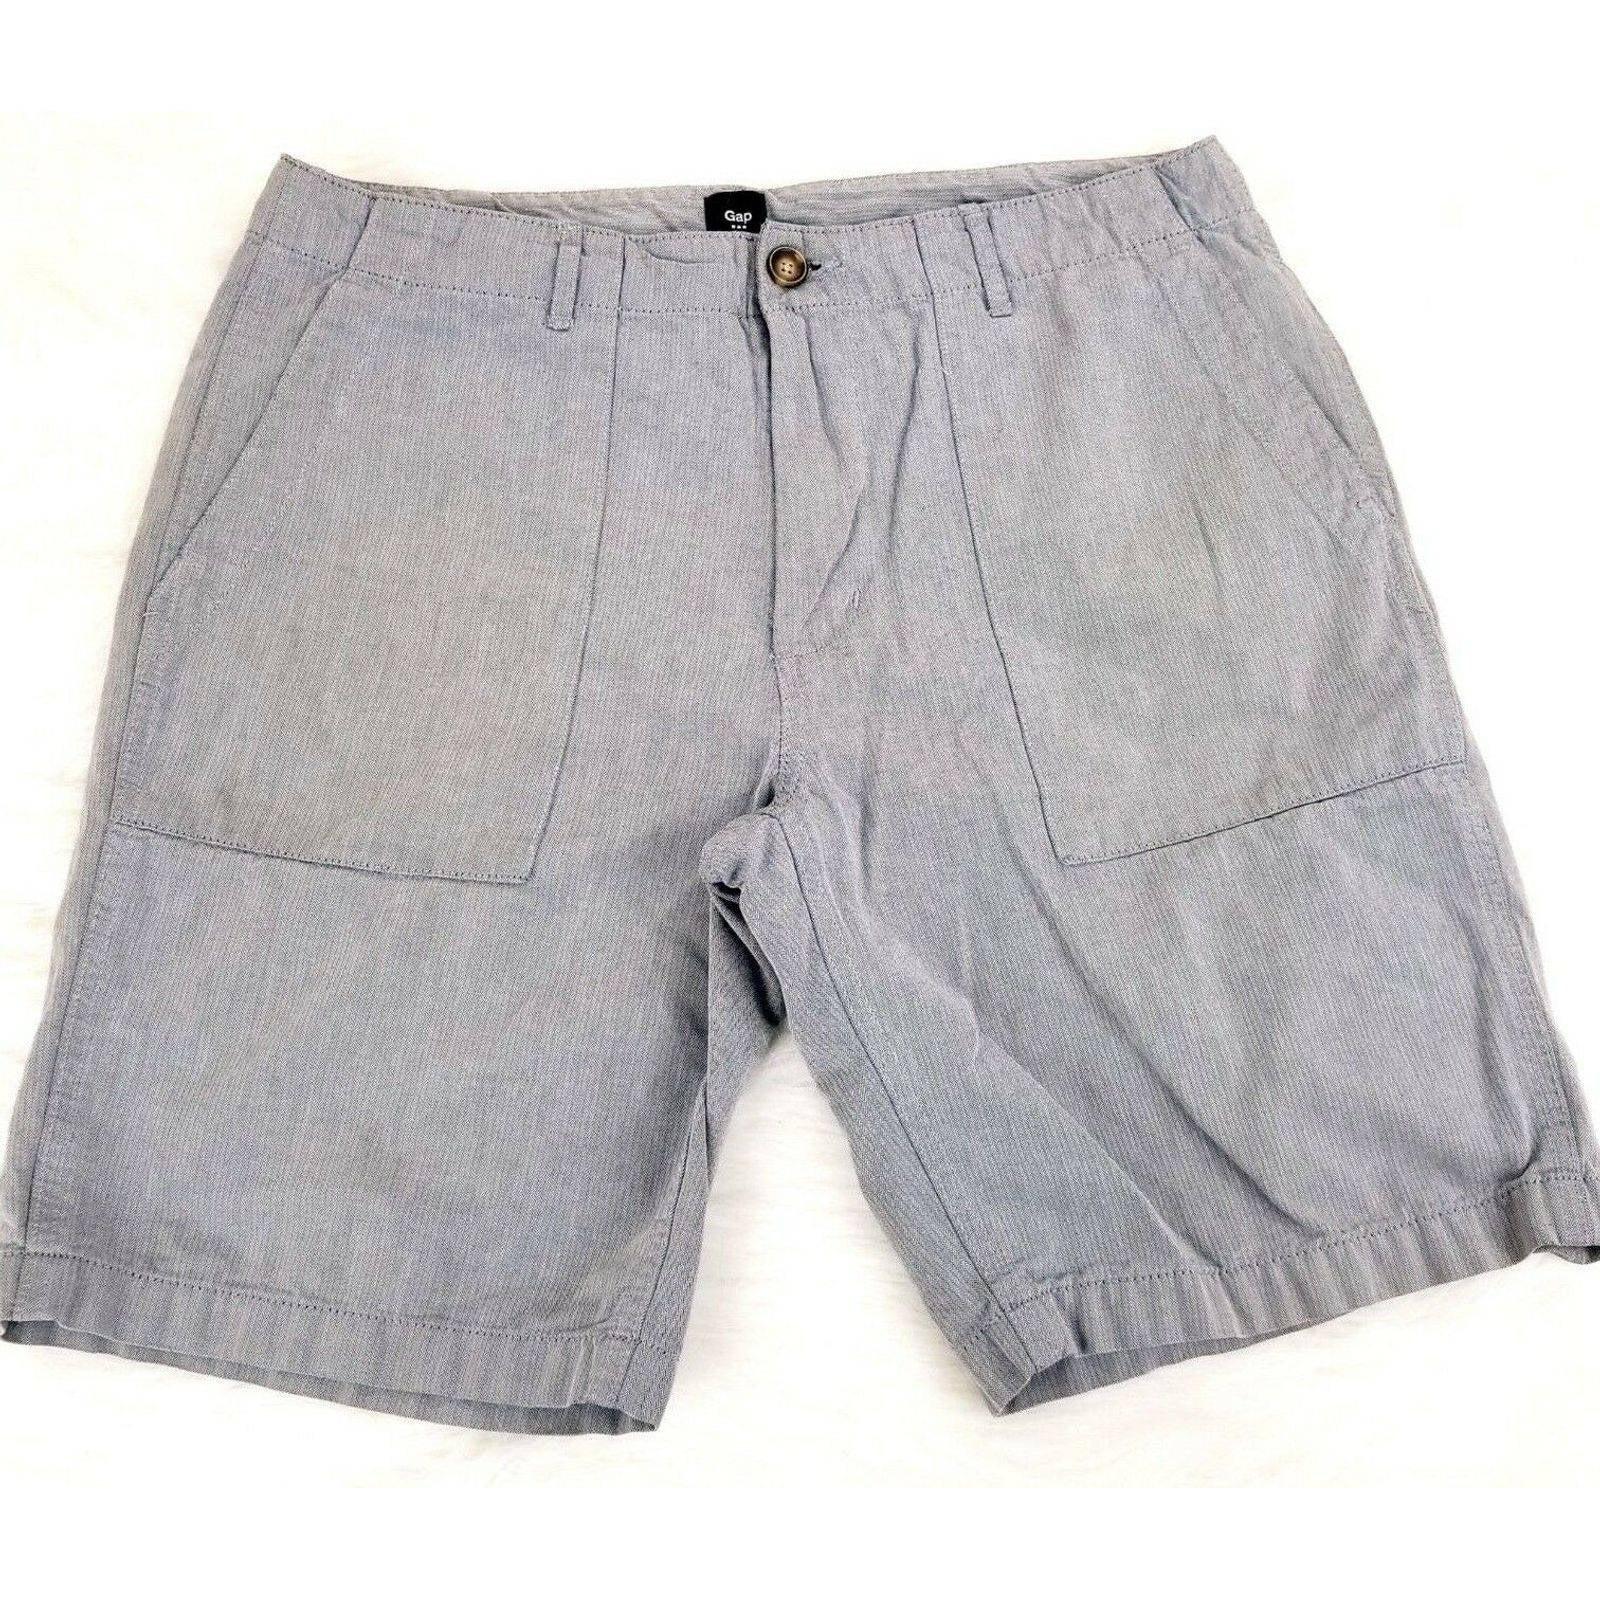 Gap Mens Shorts Herringbone Chino